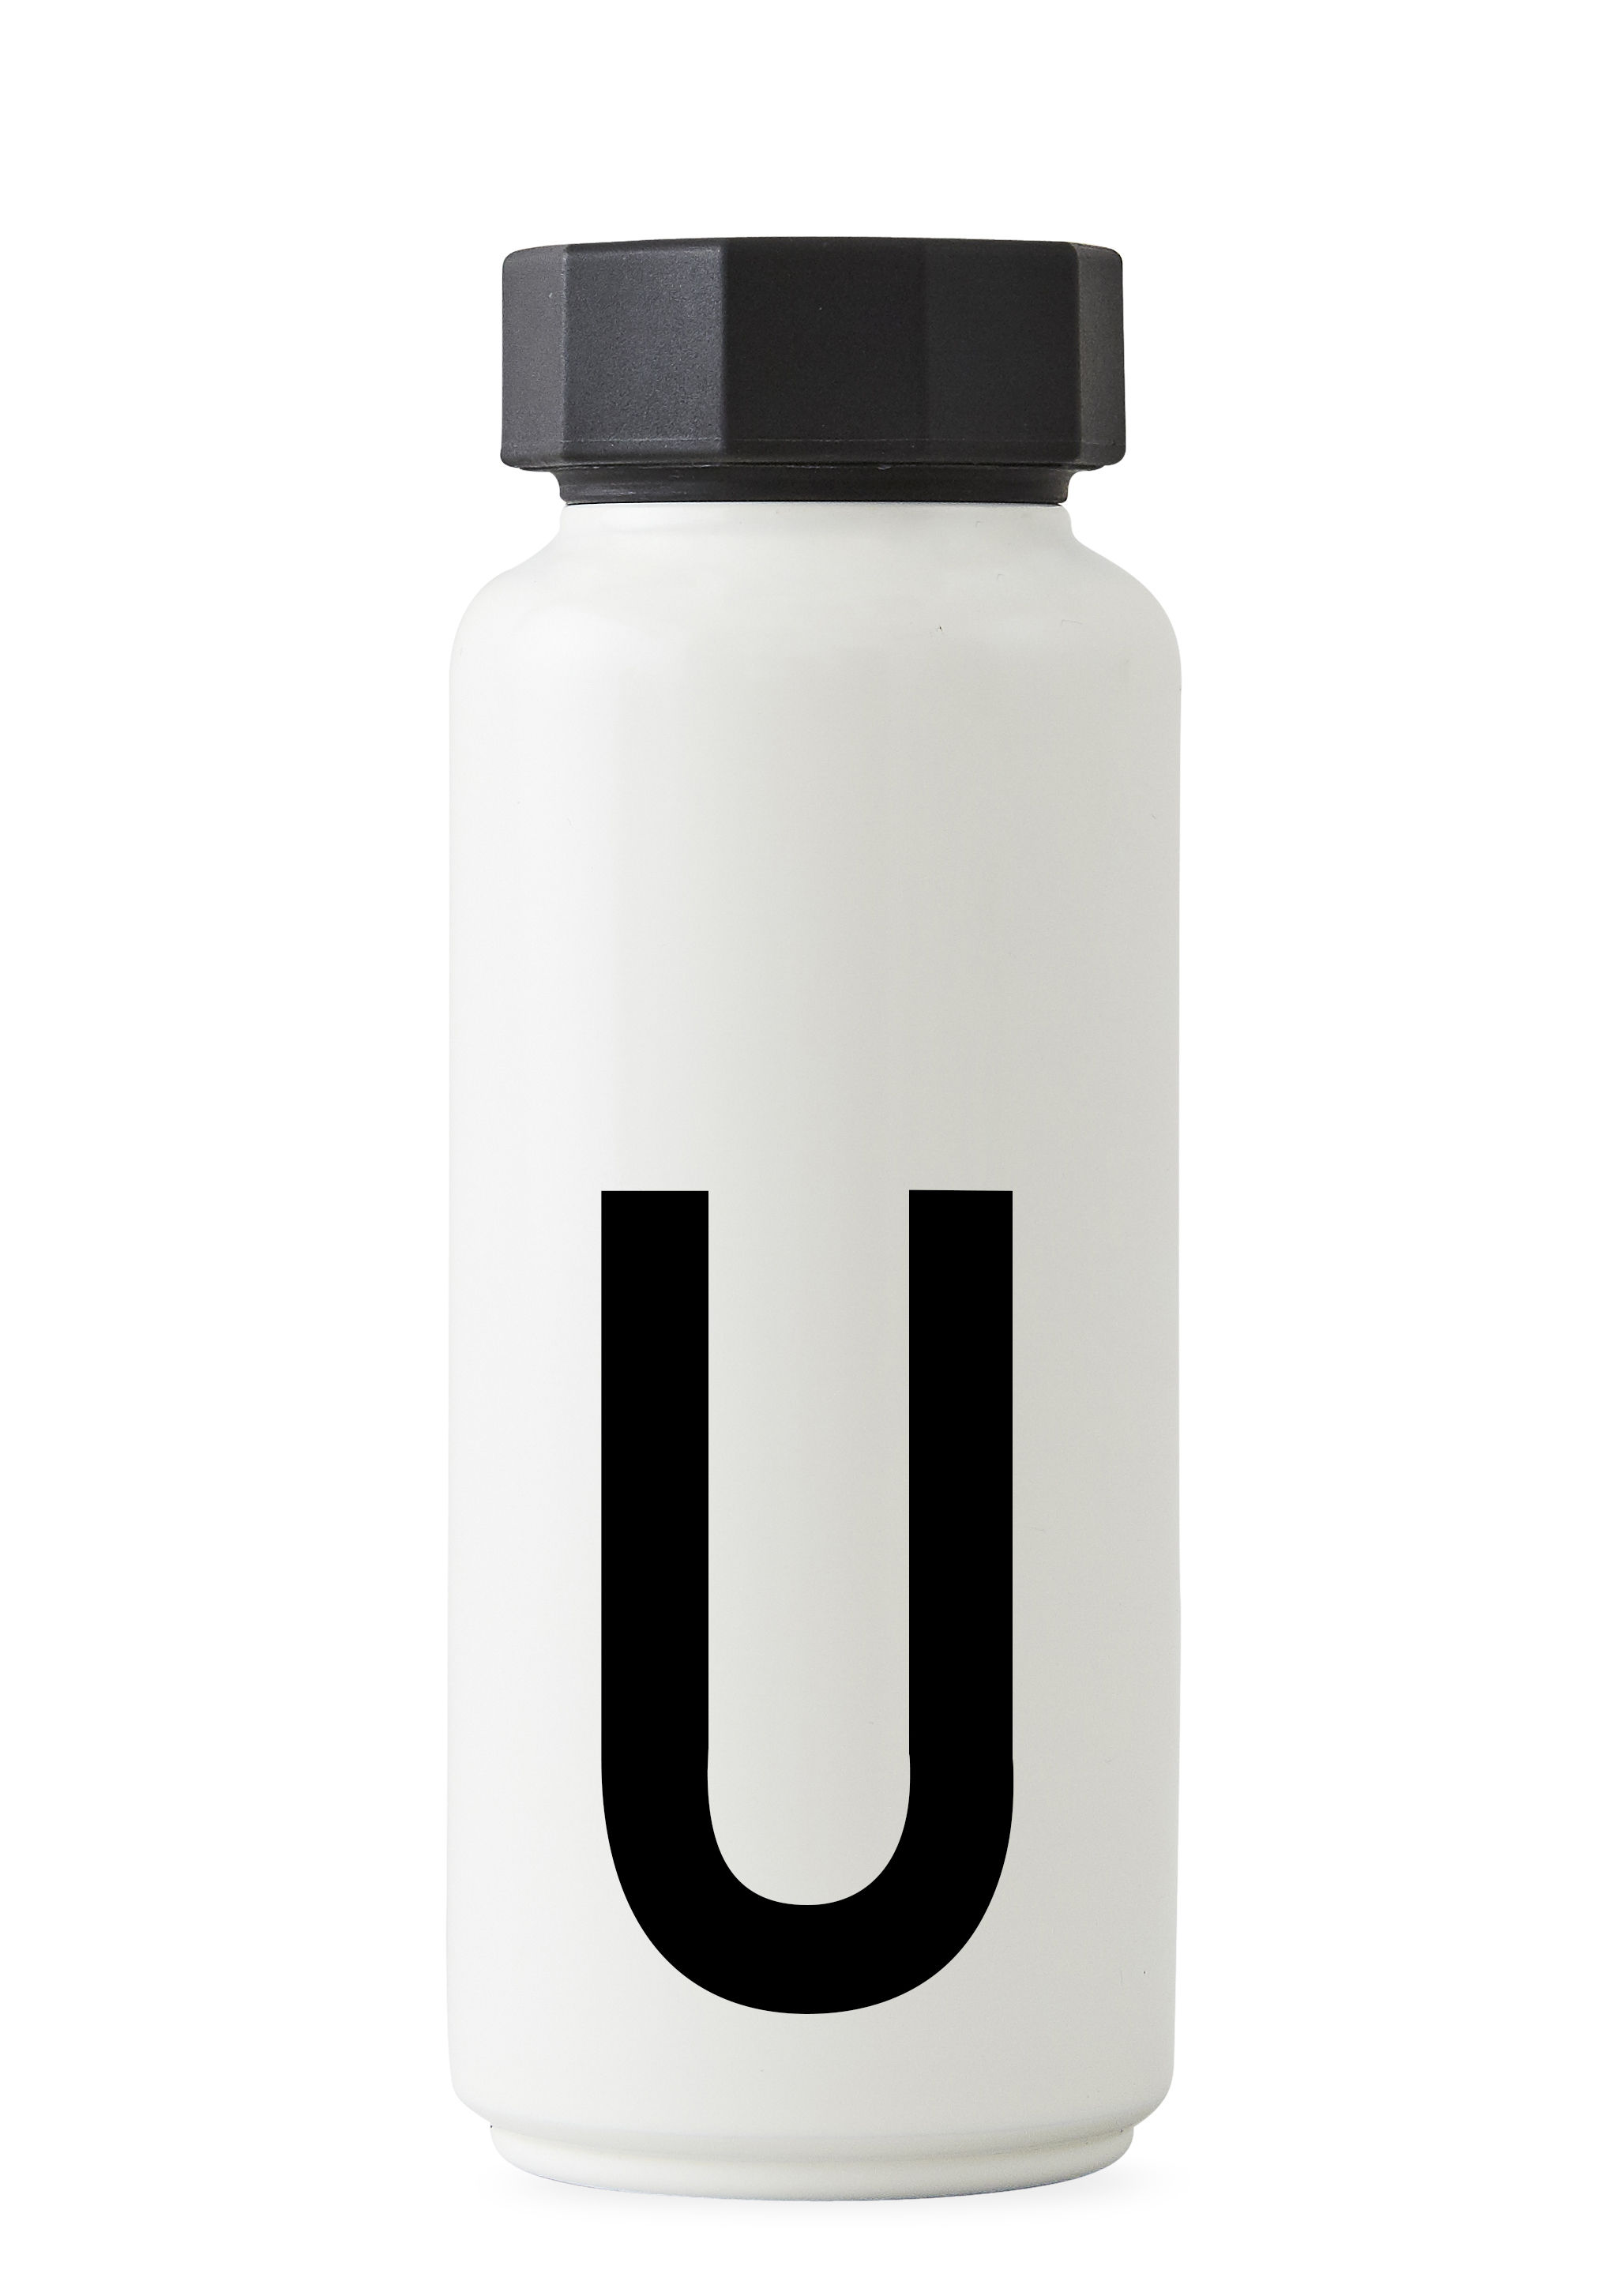 Arts de la table - Carafes et décanteurs - Bouteille isotherme Arne Jacobsen / 500 ml - Lettre U - Design Letters - Blanc / Lettre U - Acier inoxydable, Polypropylène